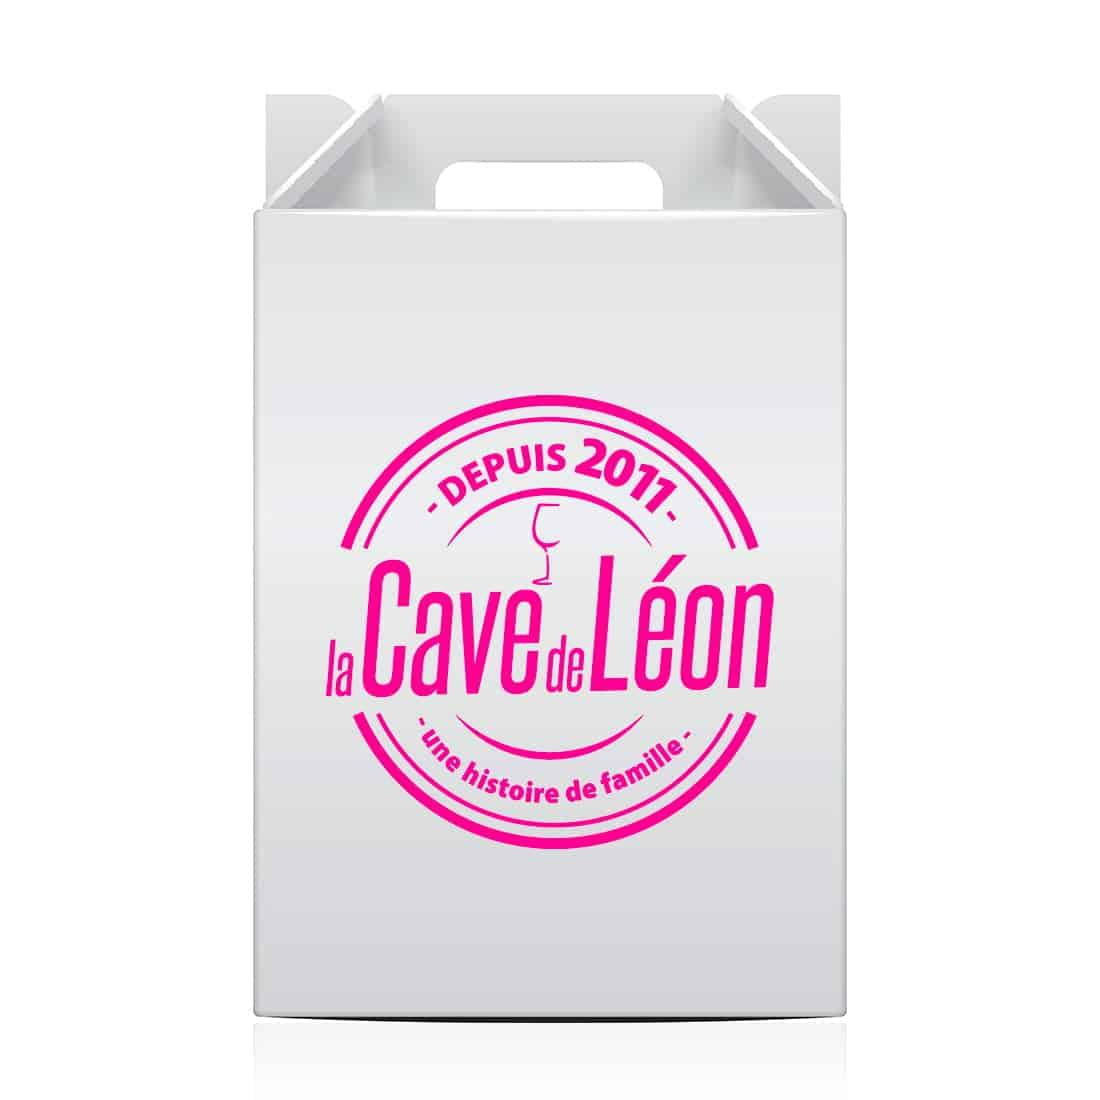 box carre 1 2 - La Cave de Léon